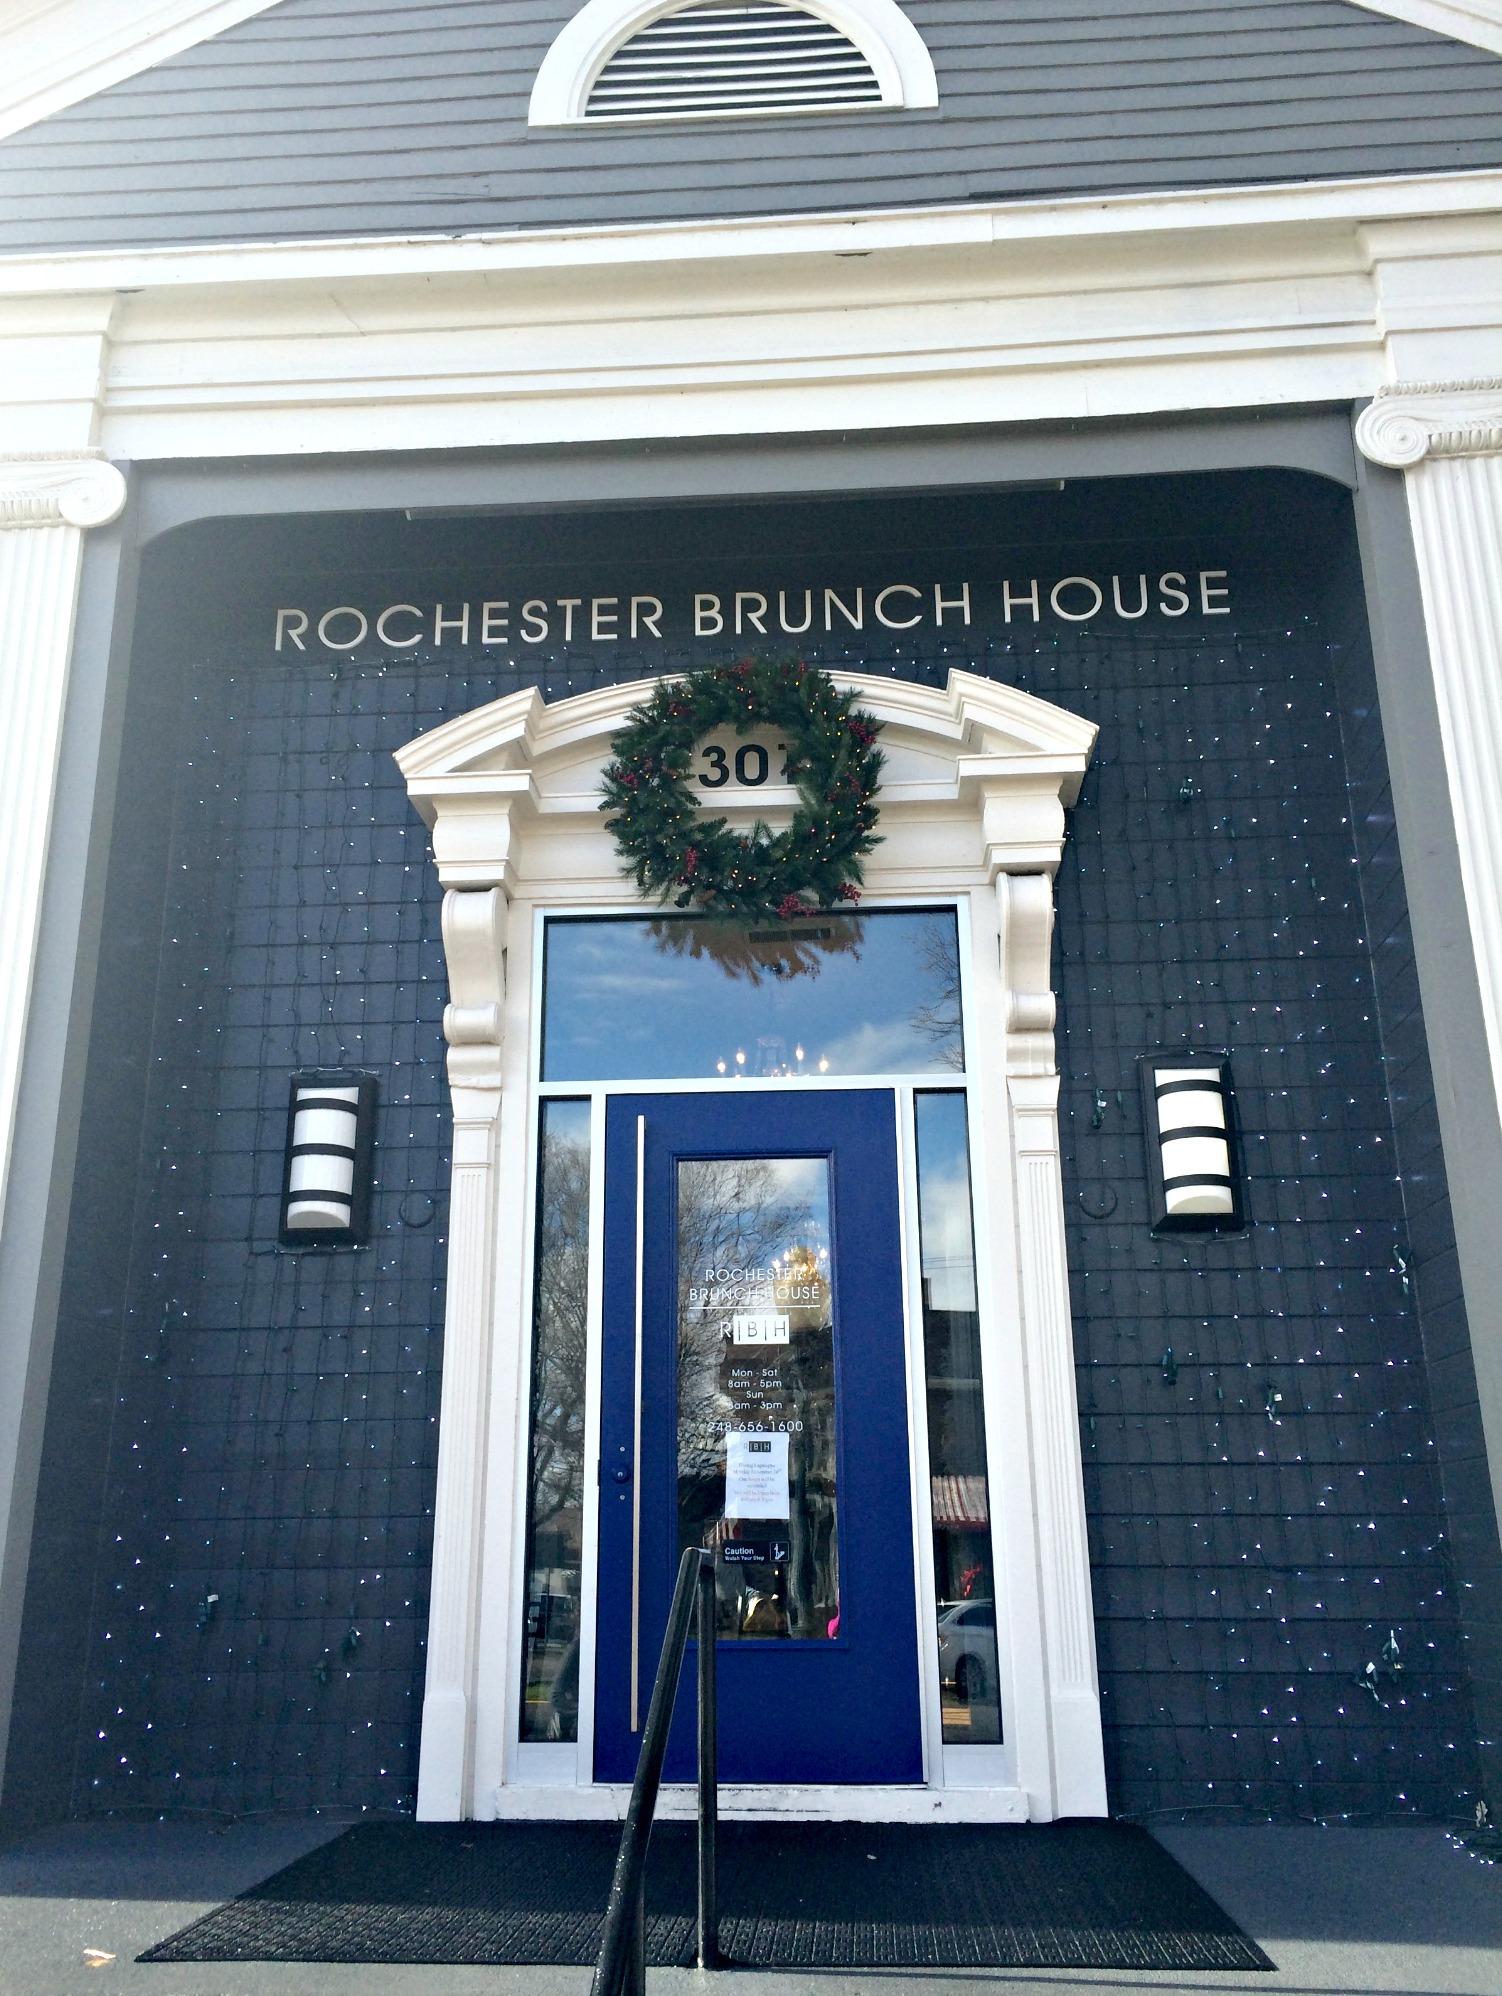 Rochester Brunch House outside